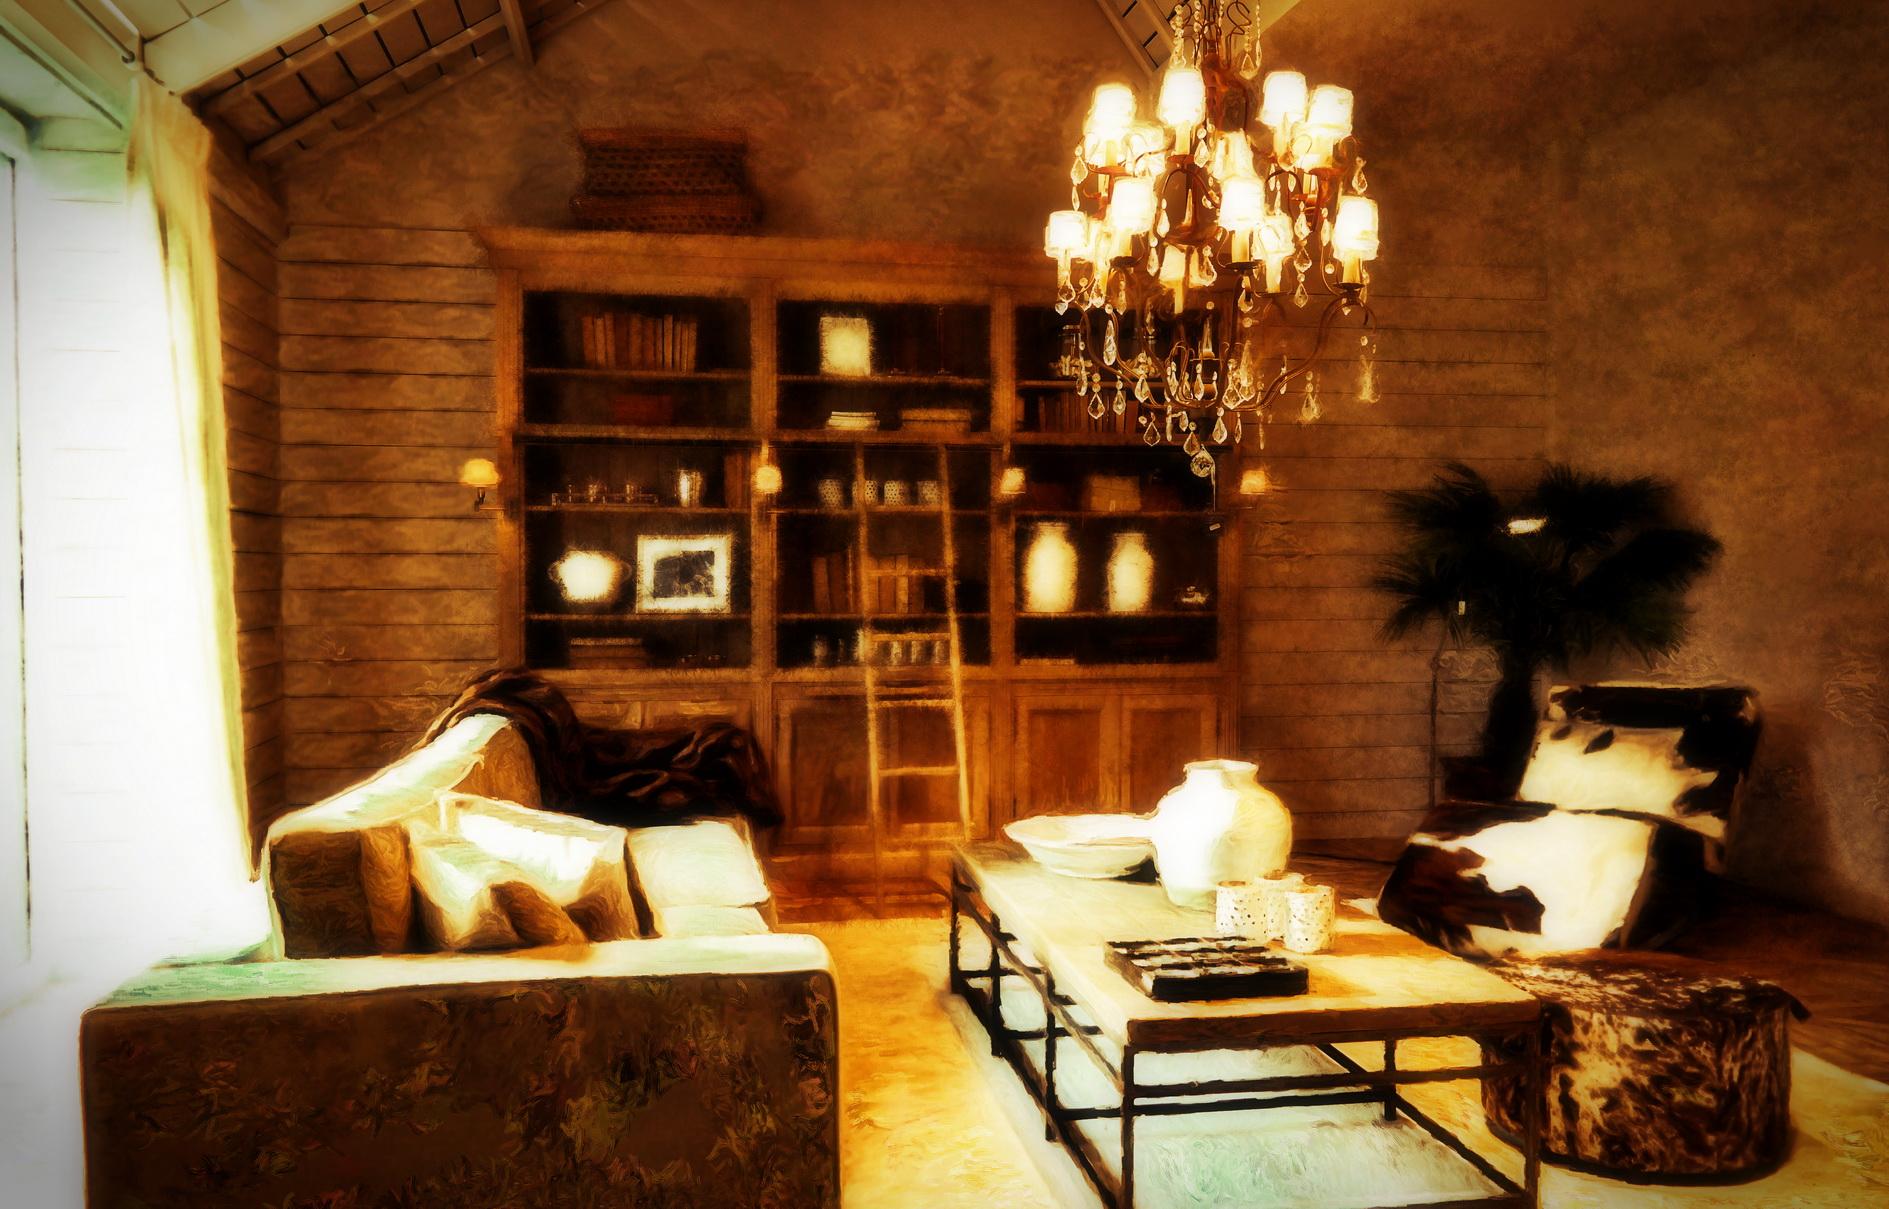 Flamant interiors lifestyle, schilderij door Laure Van De Meele